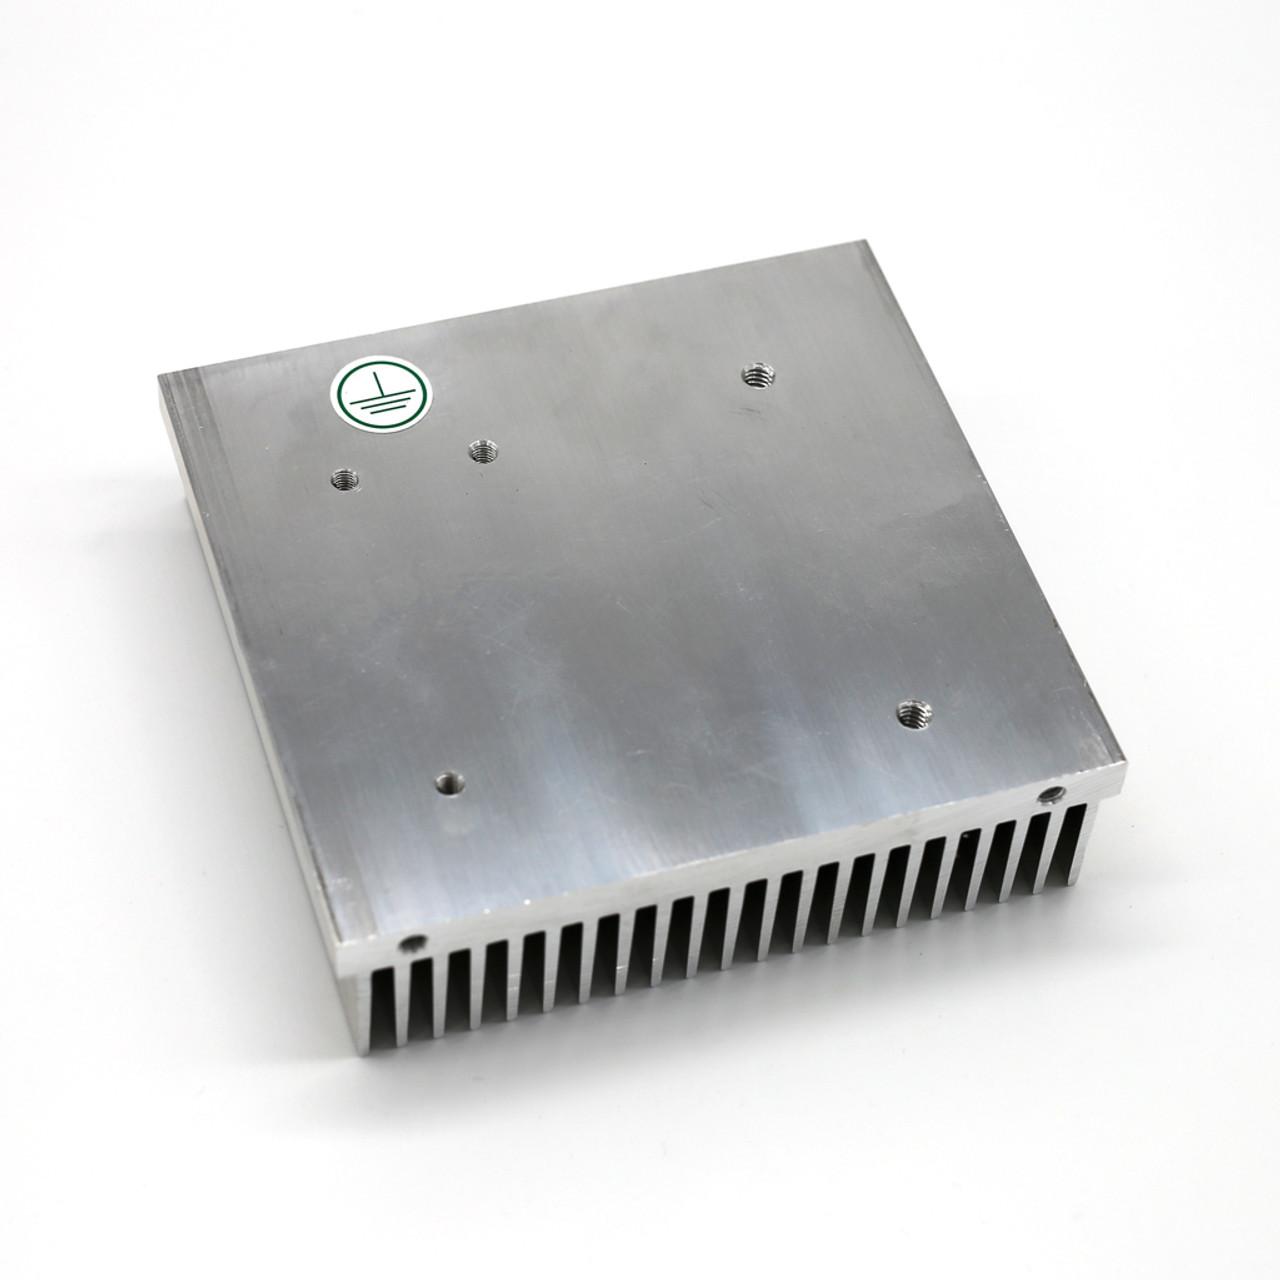 Reference Design 1.0 Machined Heatsink